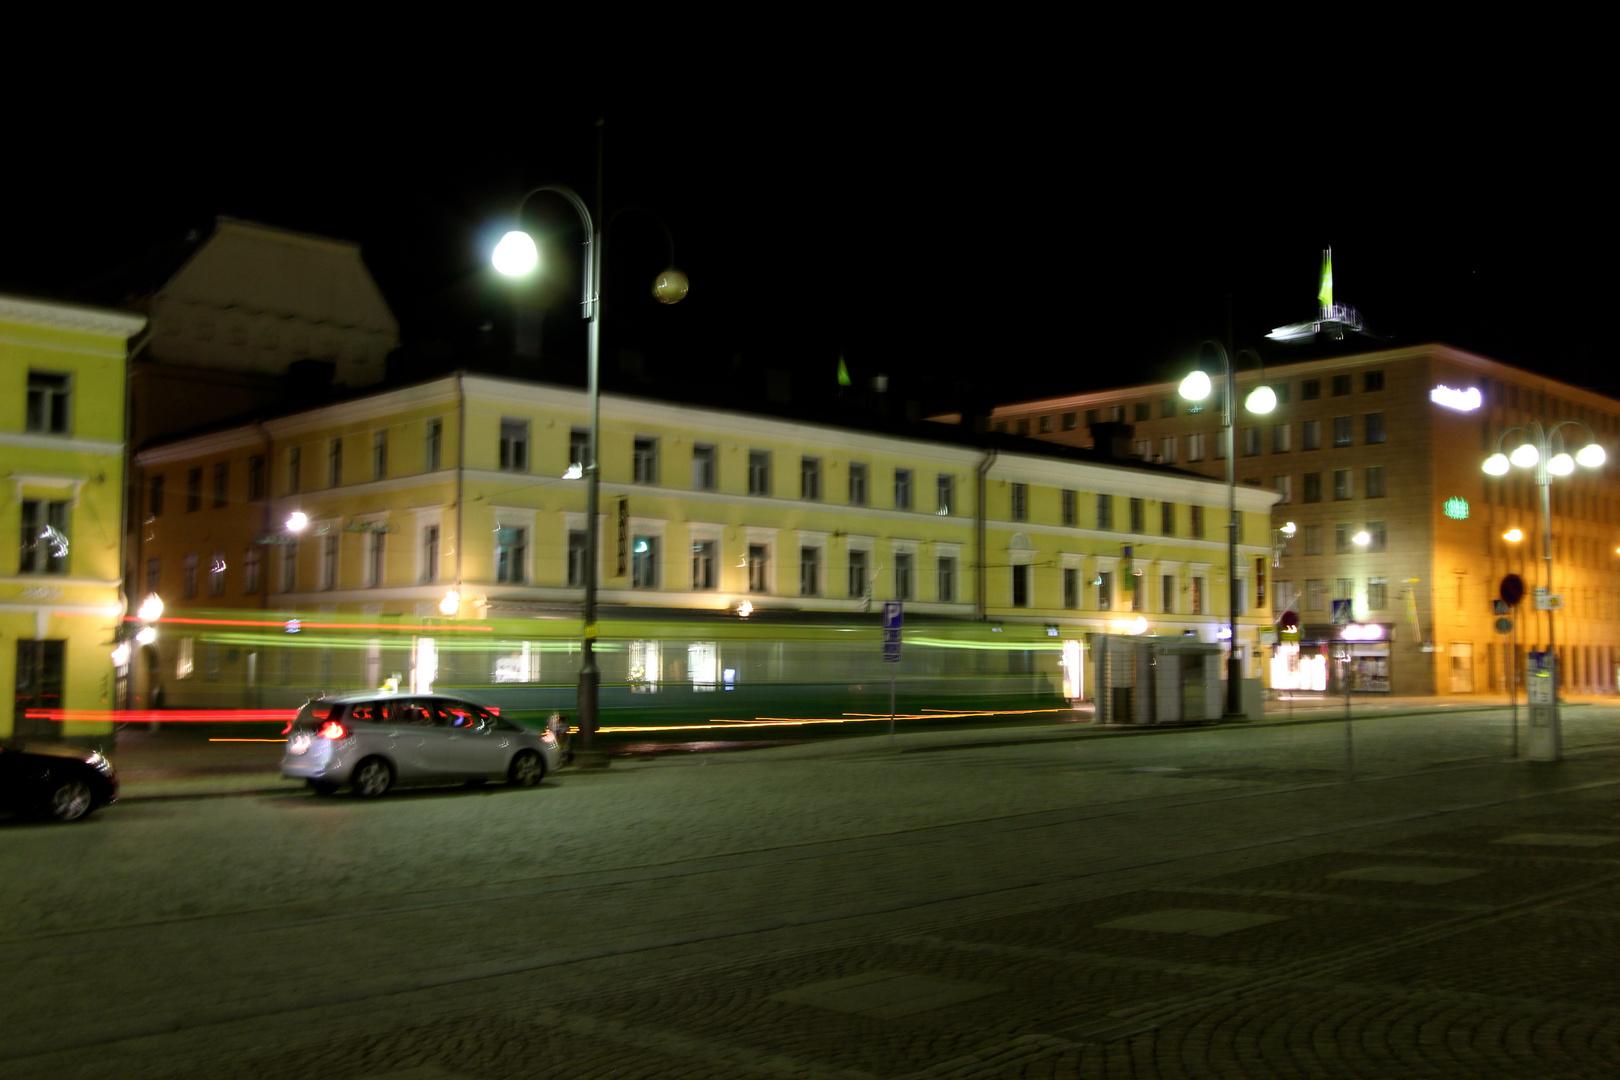 Helsinki by night with tram